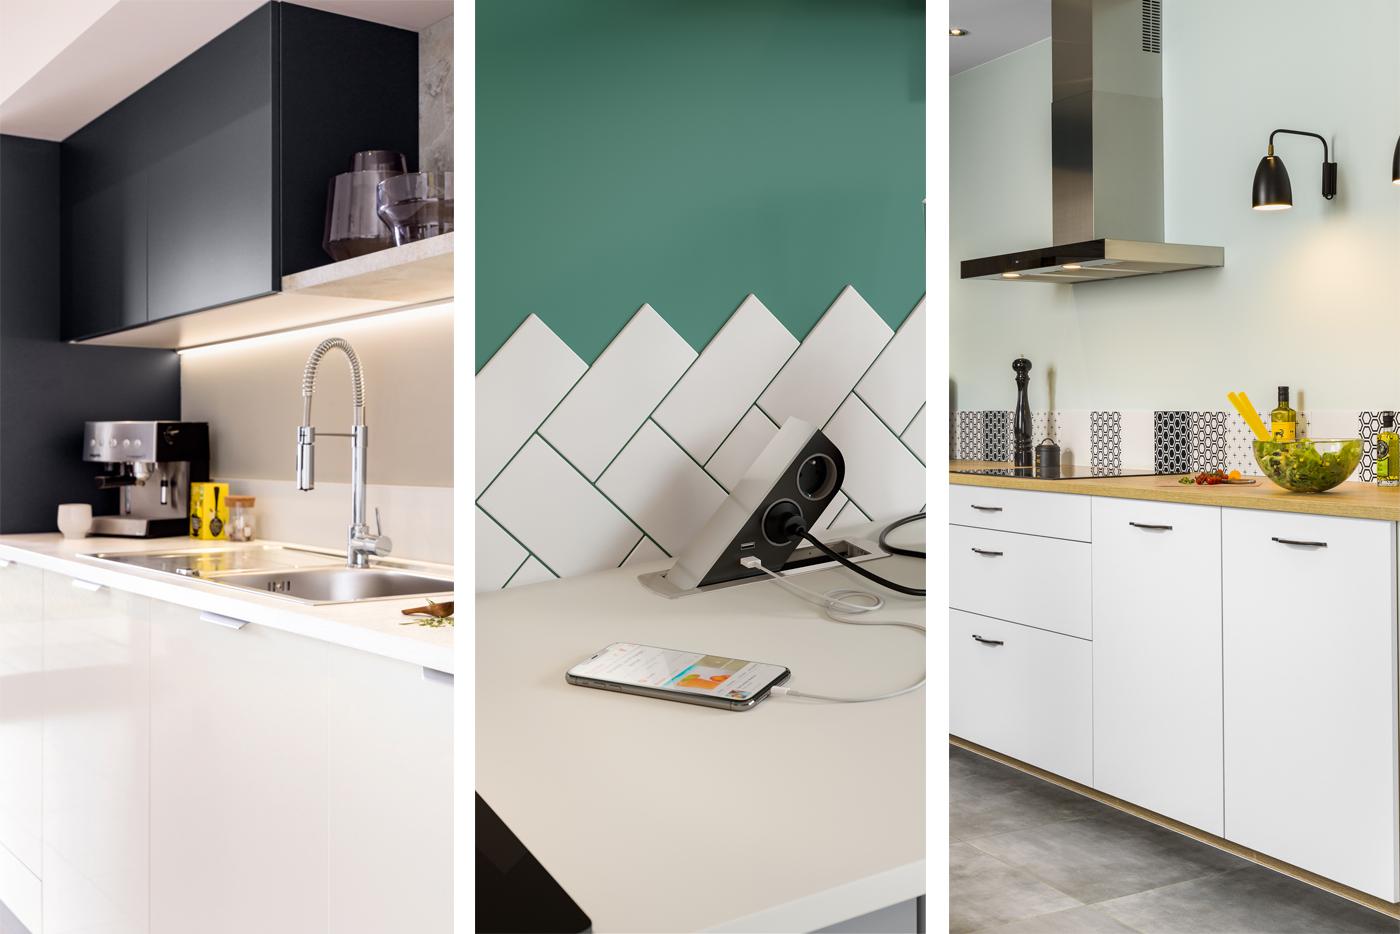 Les équipements de la cuisine équipée : façades, plans de travail et accessoires